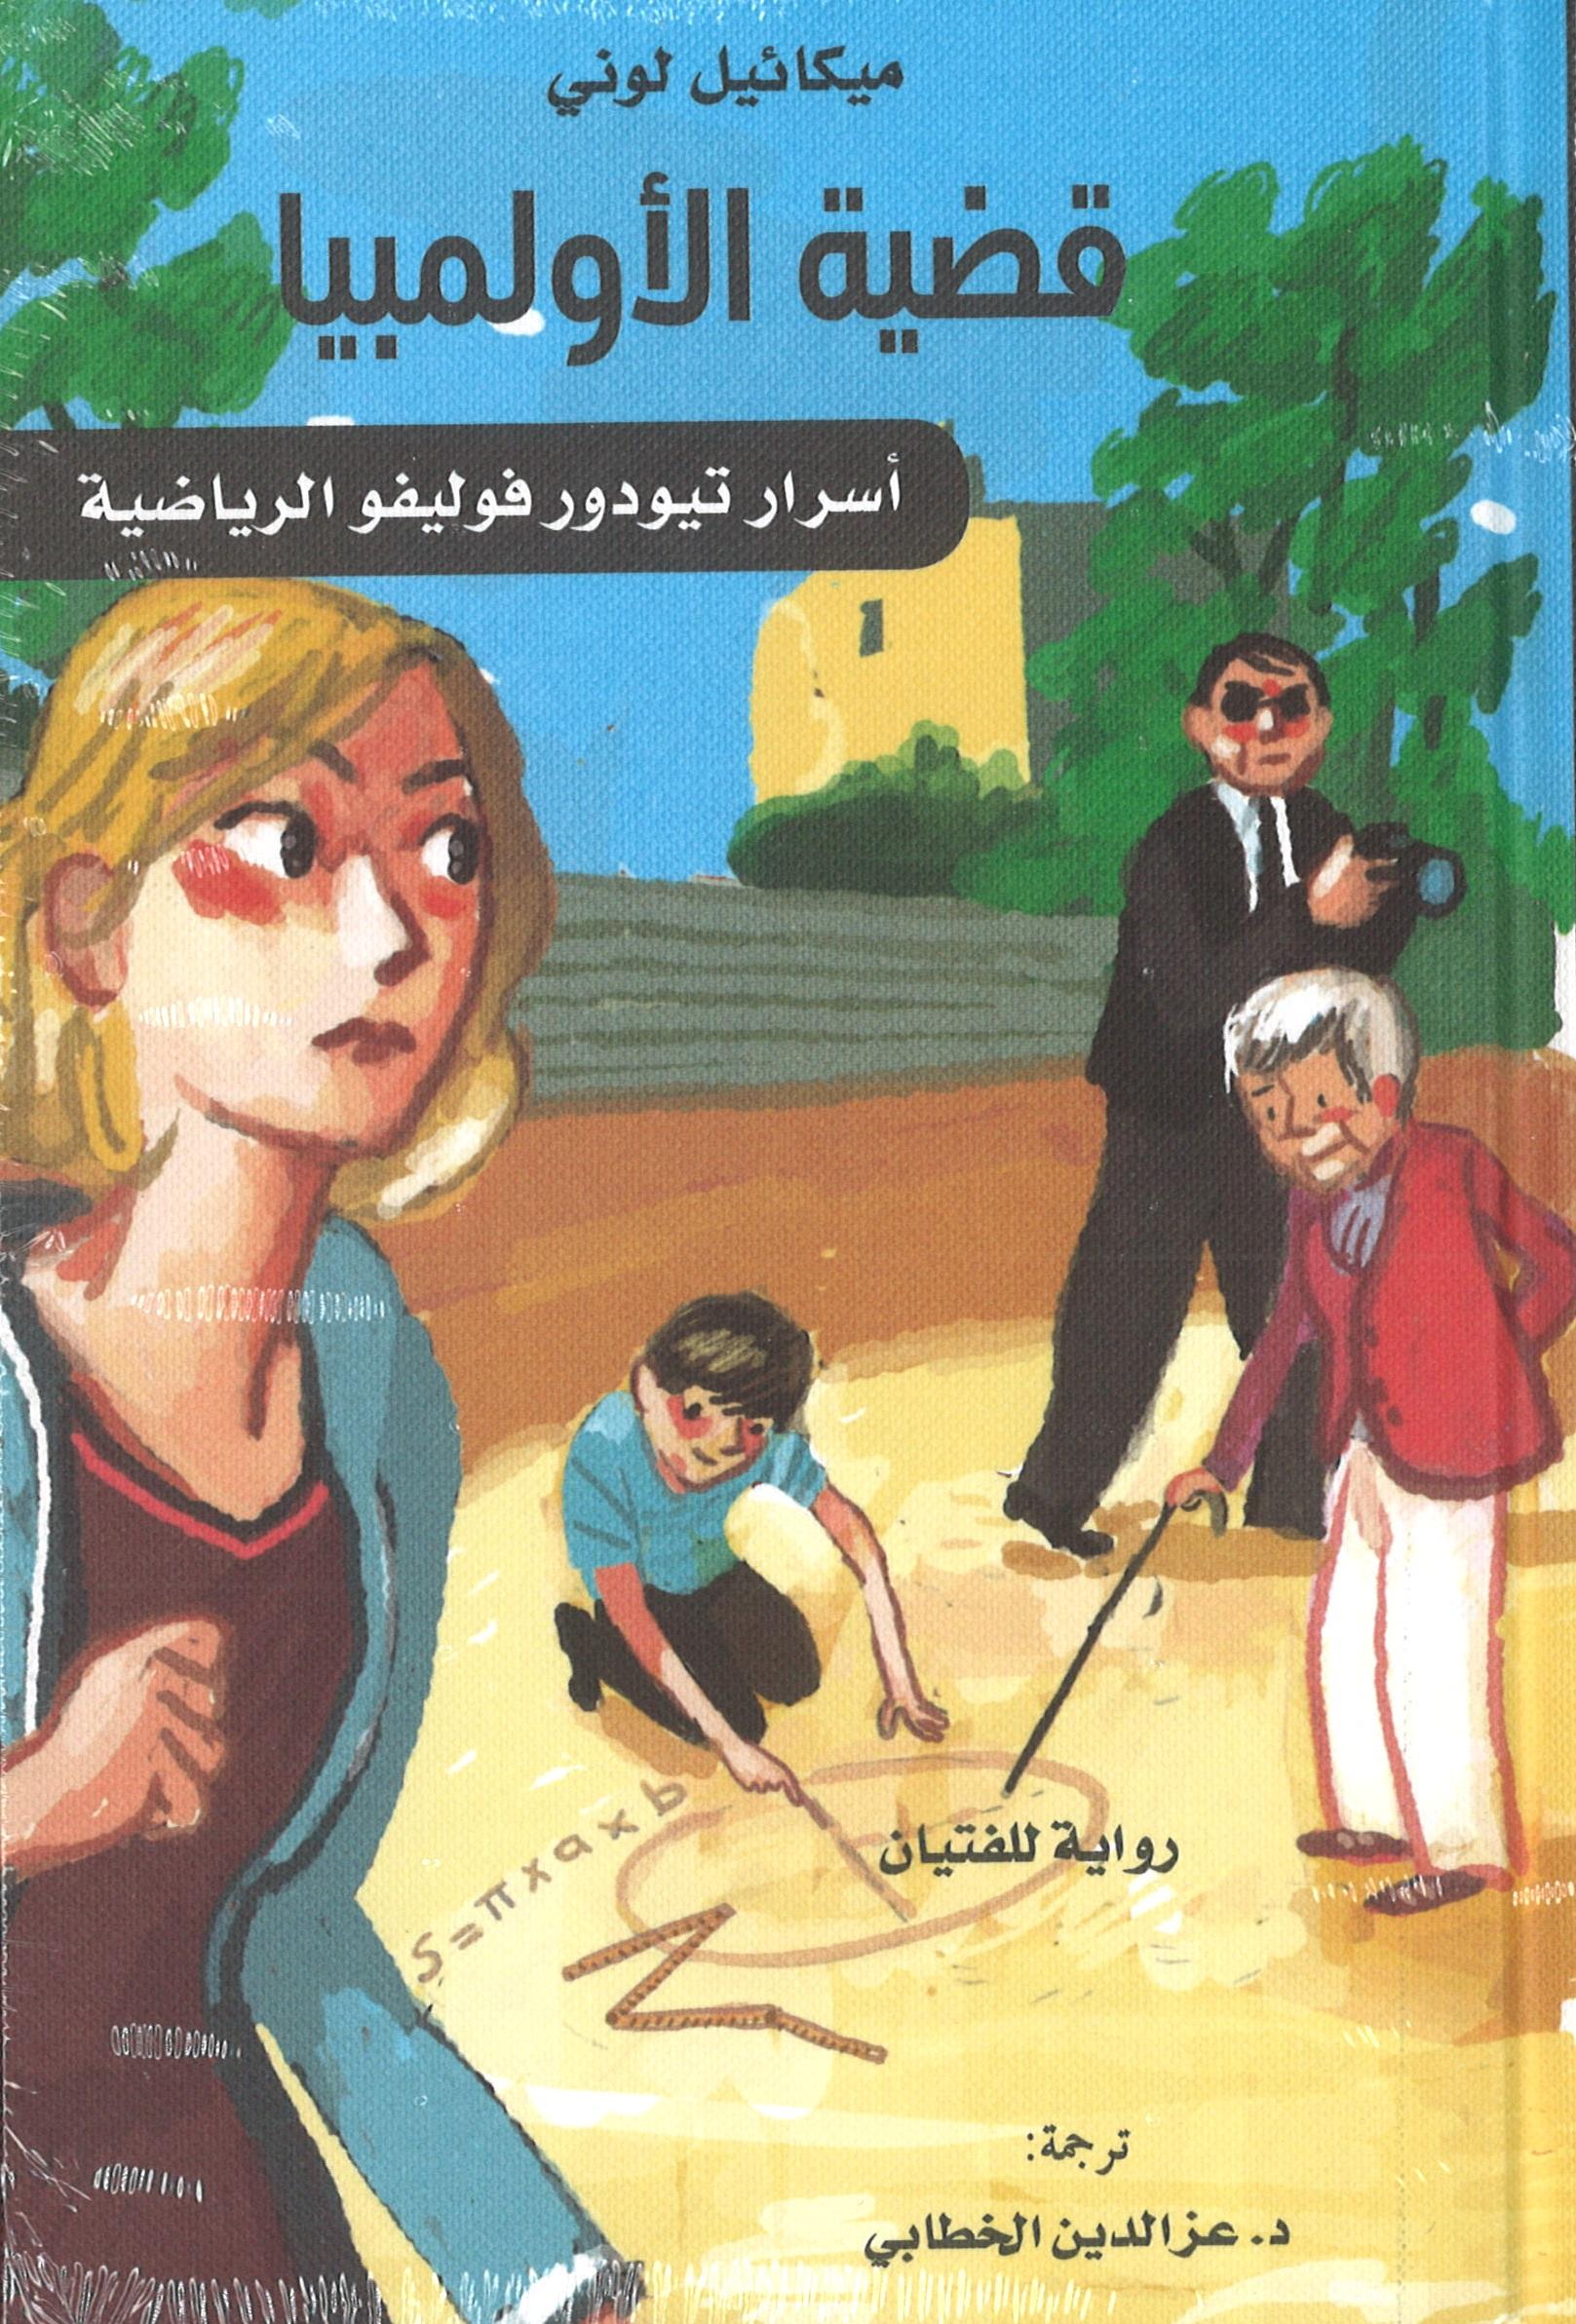 قضية الأولمبيا- رواية للفتيان